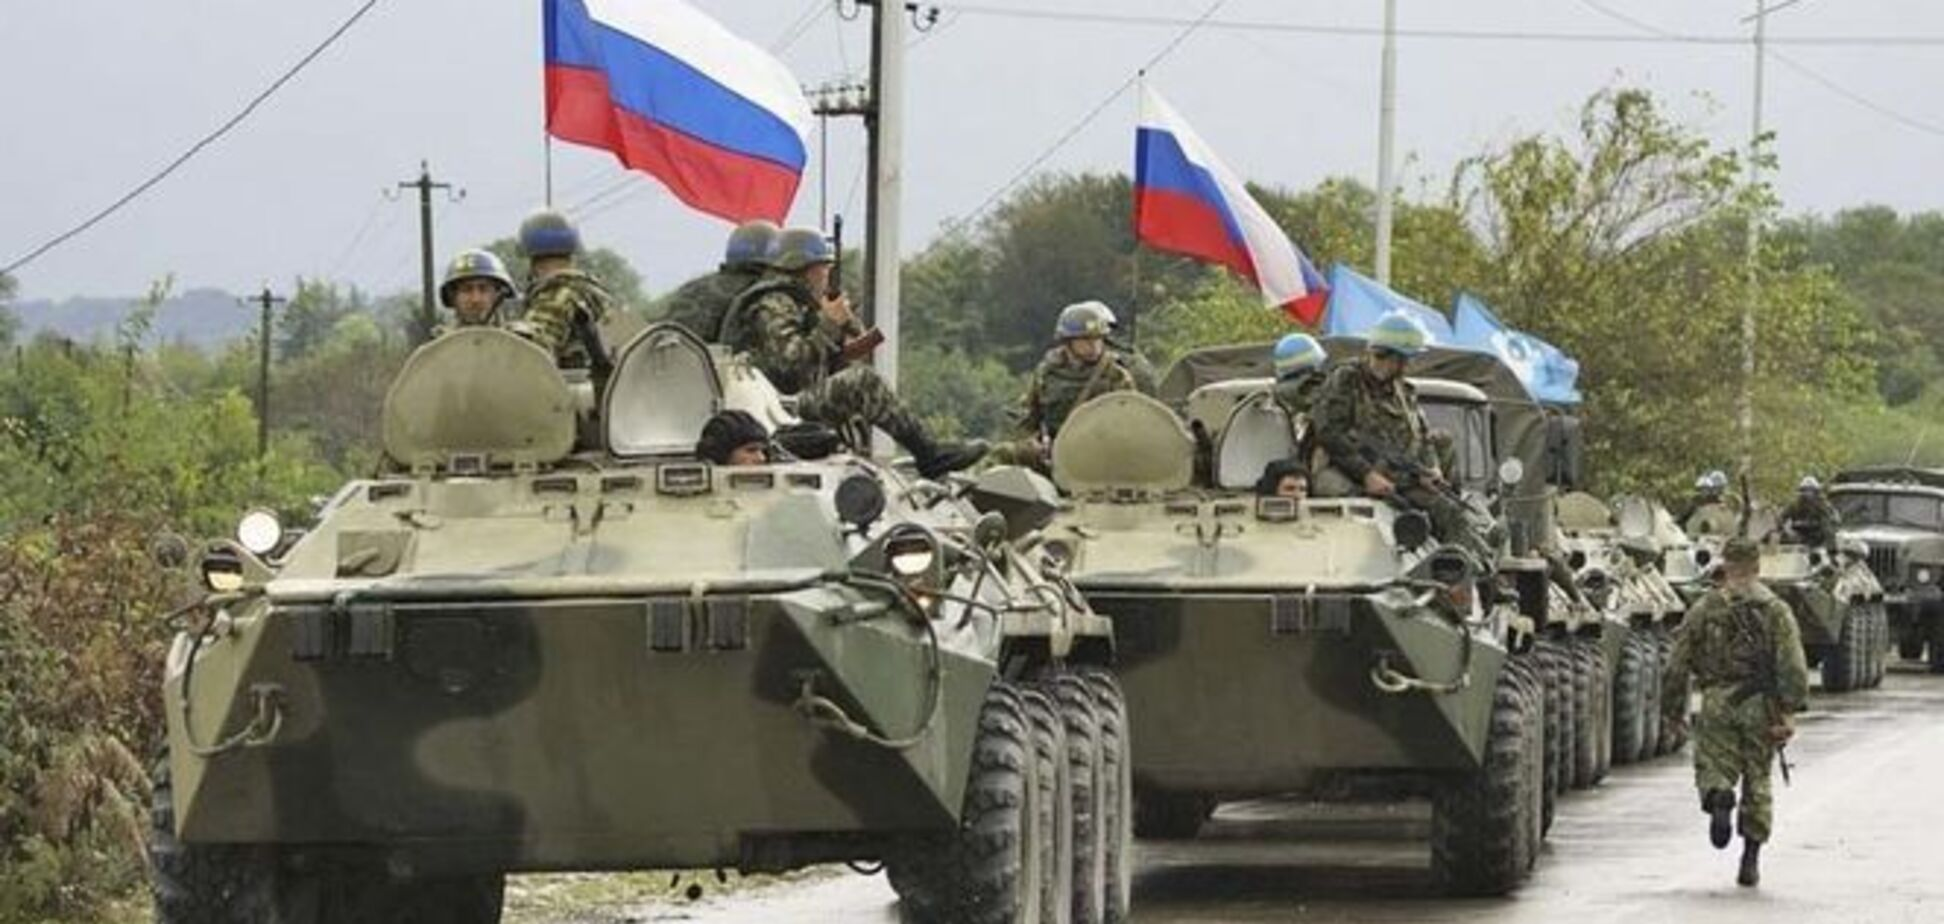 Путіне, виводь війська: сусід України поставив різкий ультиматум окупантам РФ